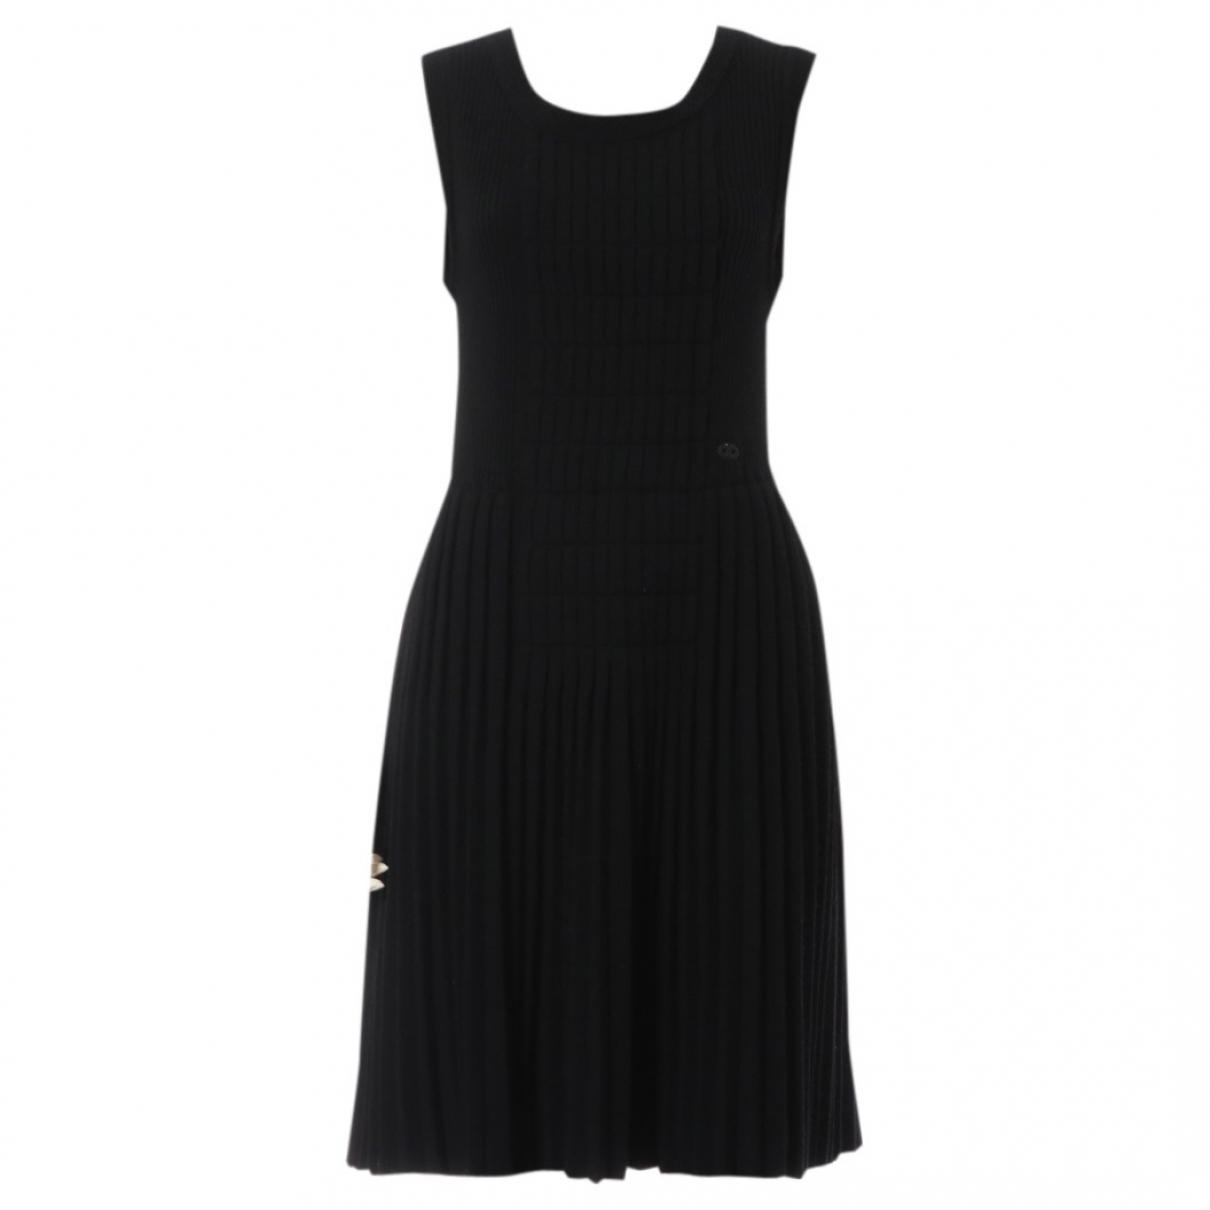 Chanel \N Kleid in  Schwarz Wolle